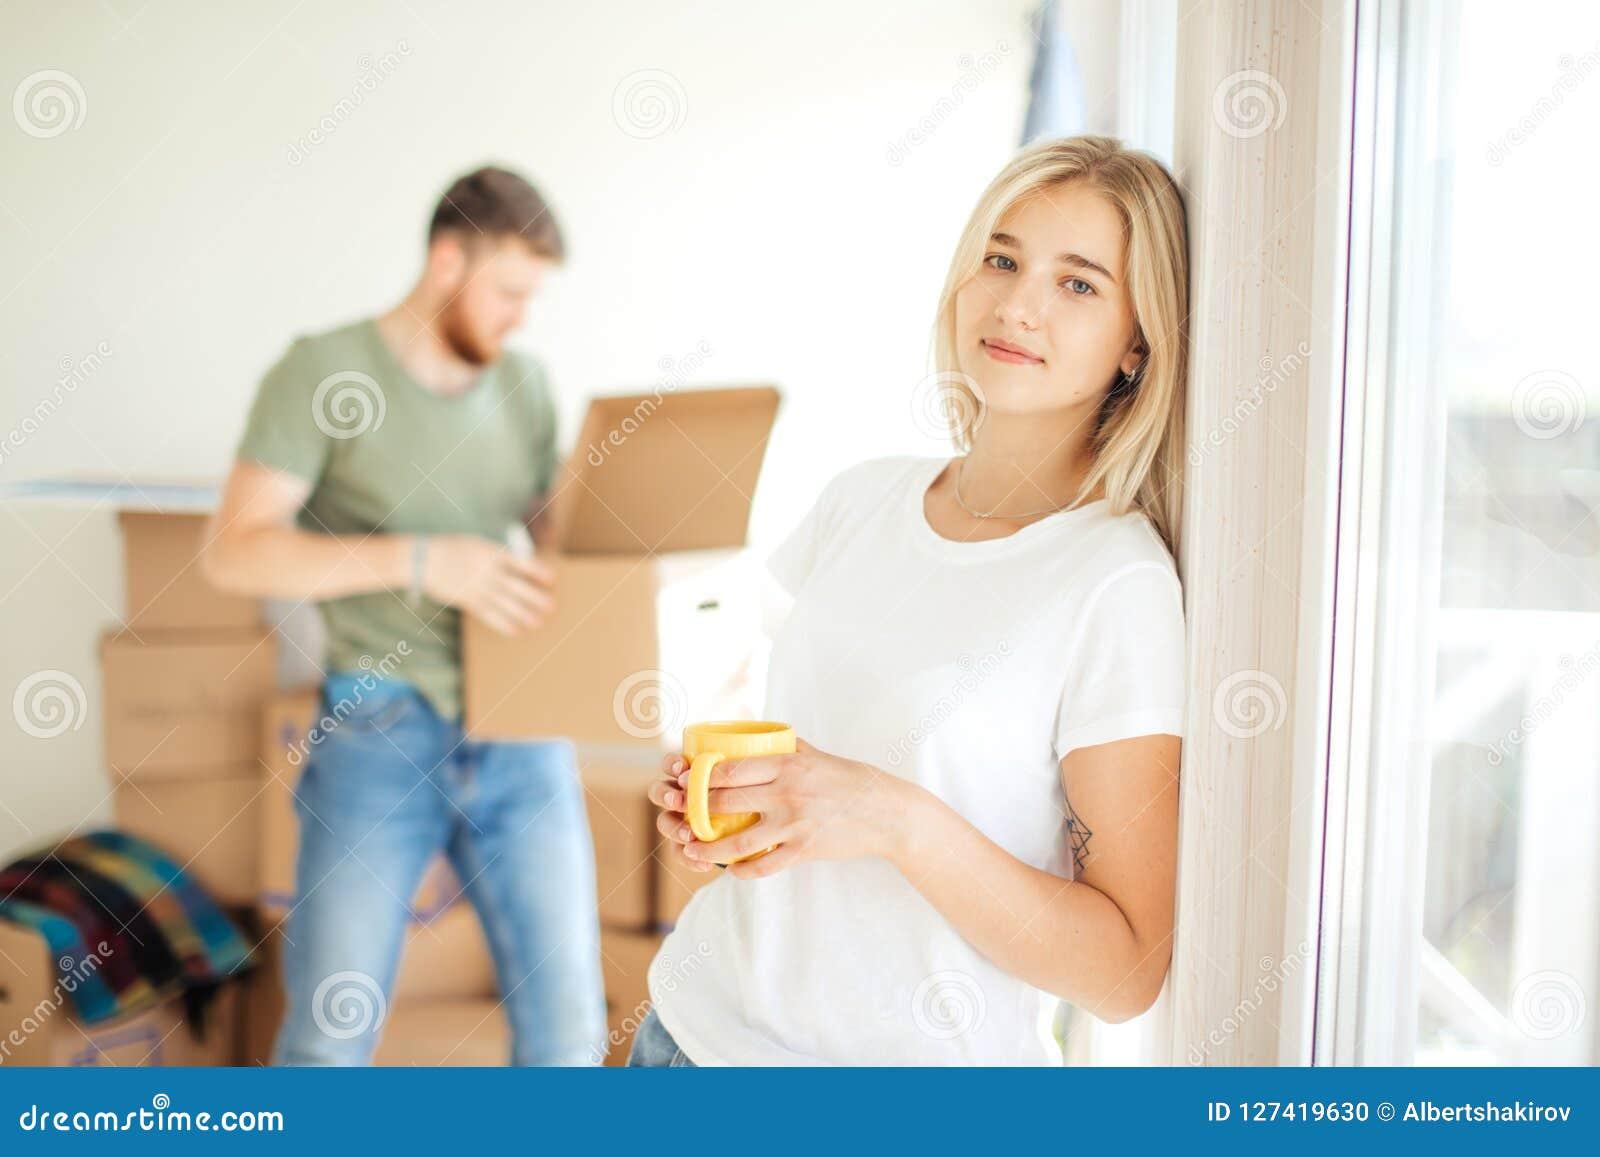 Kobieta pozuje przy kamerą podczas gdy jej mąż lub chłopak odpakowywamy pudełka pary ich domowy poruszający nowy